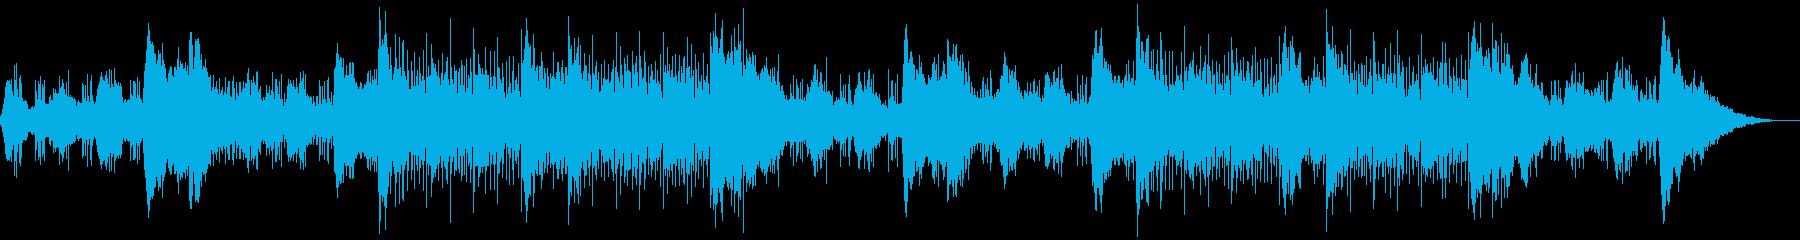 不気味で怪しい雰囲気のBGMの再生済みの波形